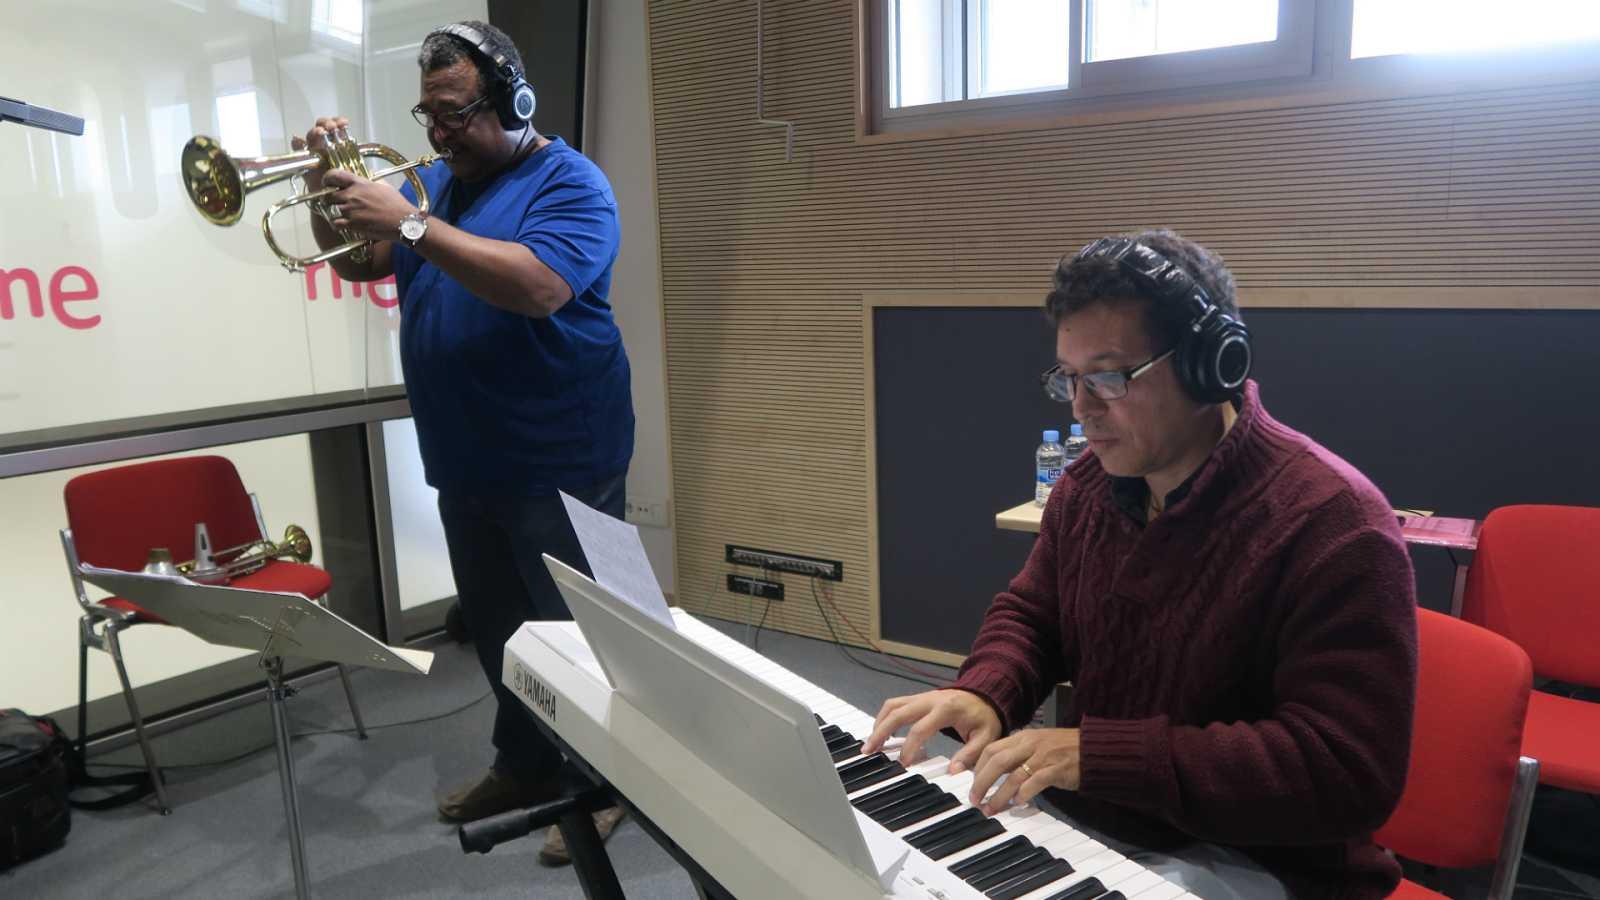 Las mañanas de RNE con Pepa Fernández - Barrio latino - Manuel Machado y Pepe Rivero - Escuchar ahora